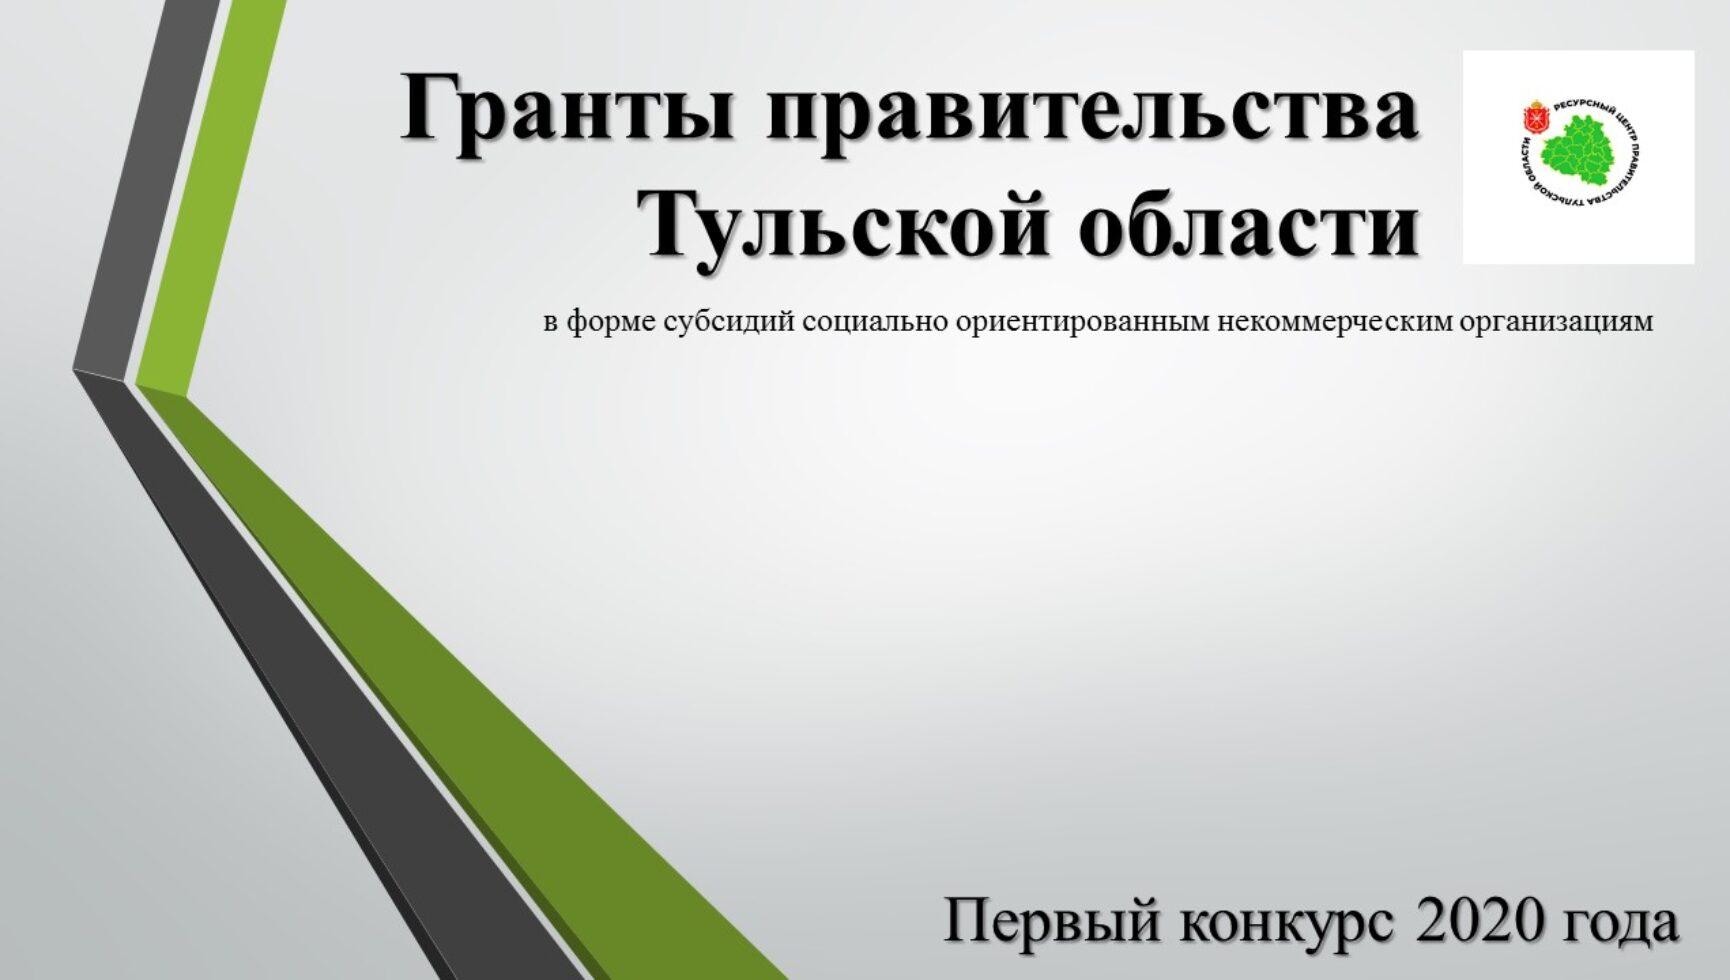 Итоги вебинара по участию в грантовом конкурсе правительства Тульской области для СОНКО